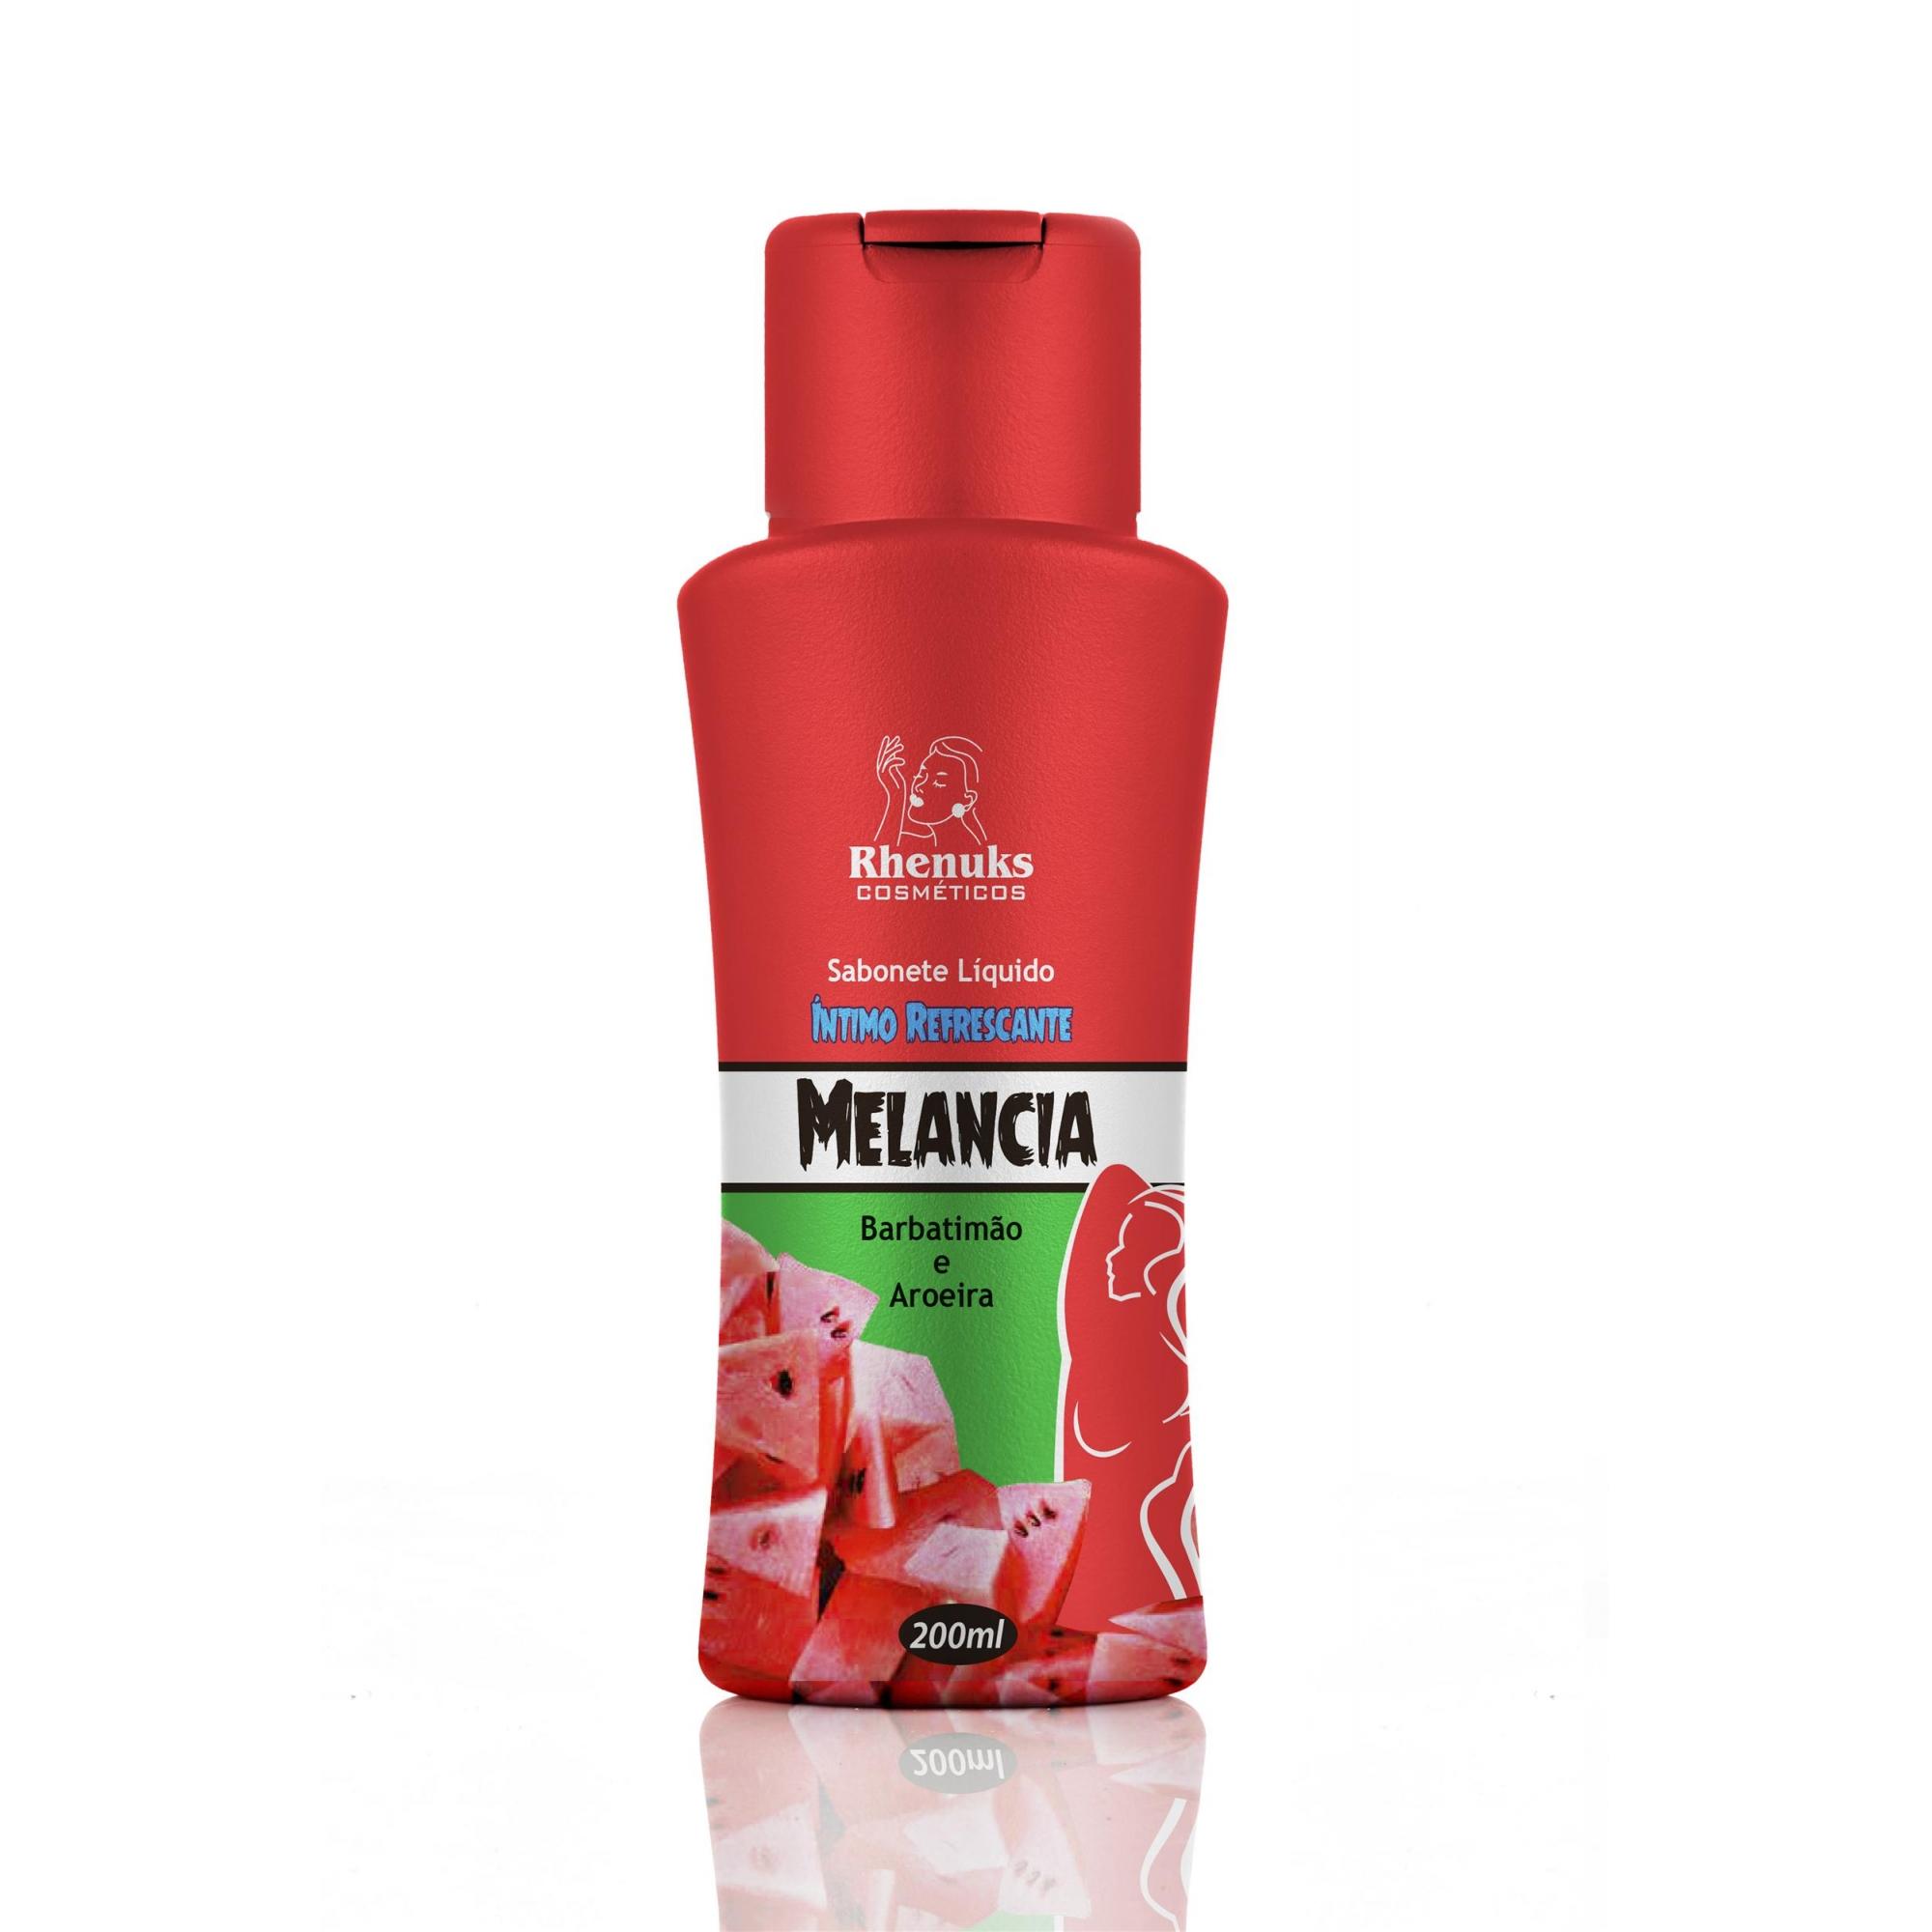 Sabonete Liquido Melancia, barbatimão e aroeira.  - Fribasex - Fabricasex.com